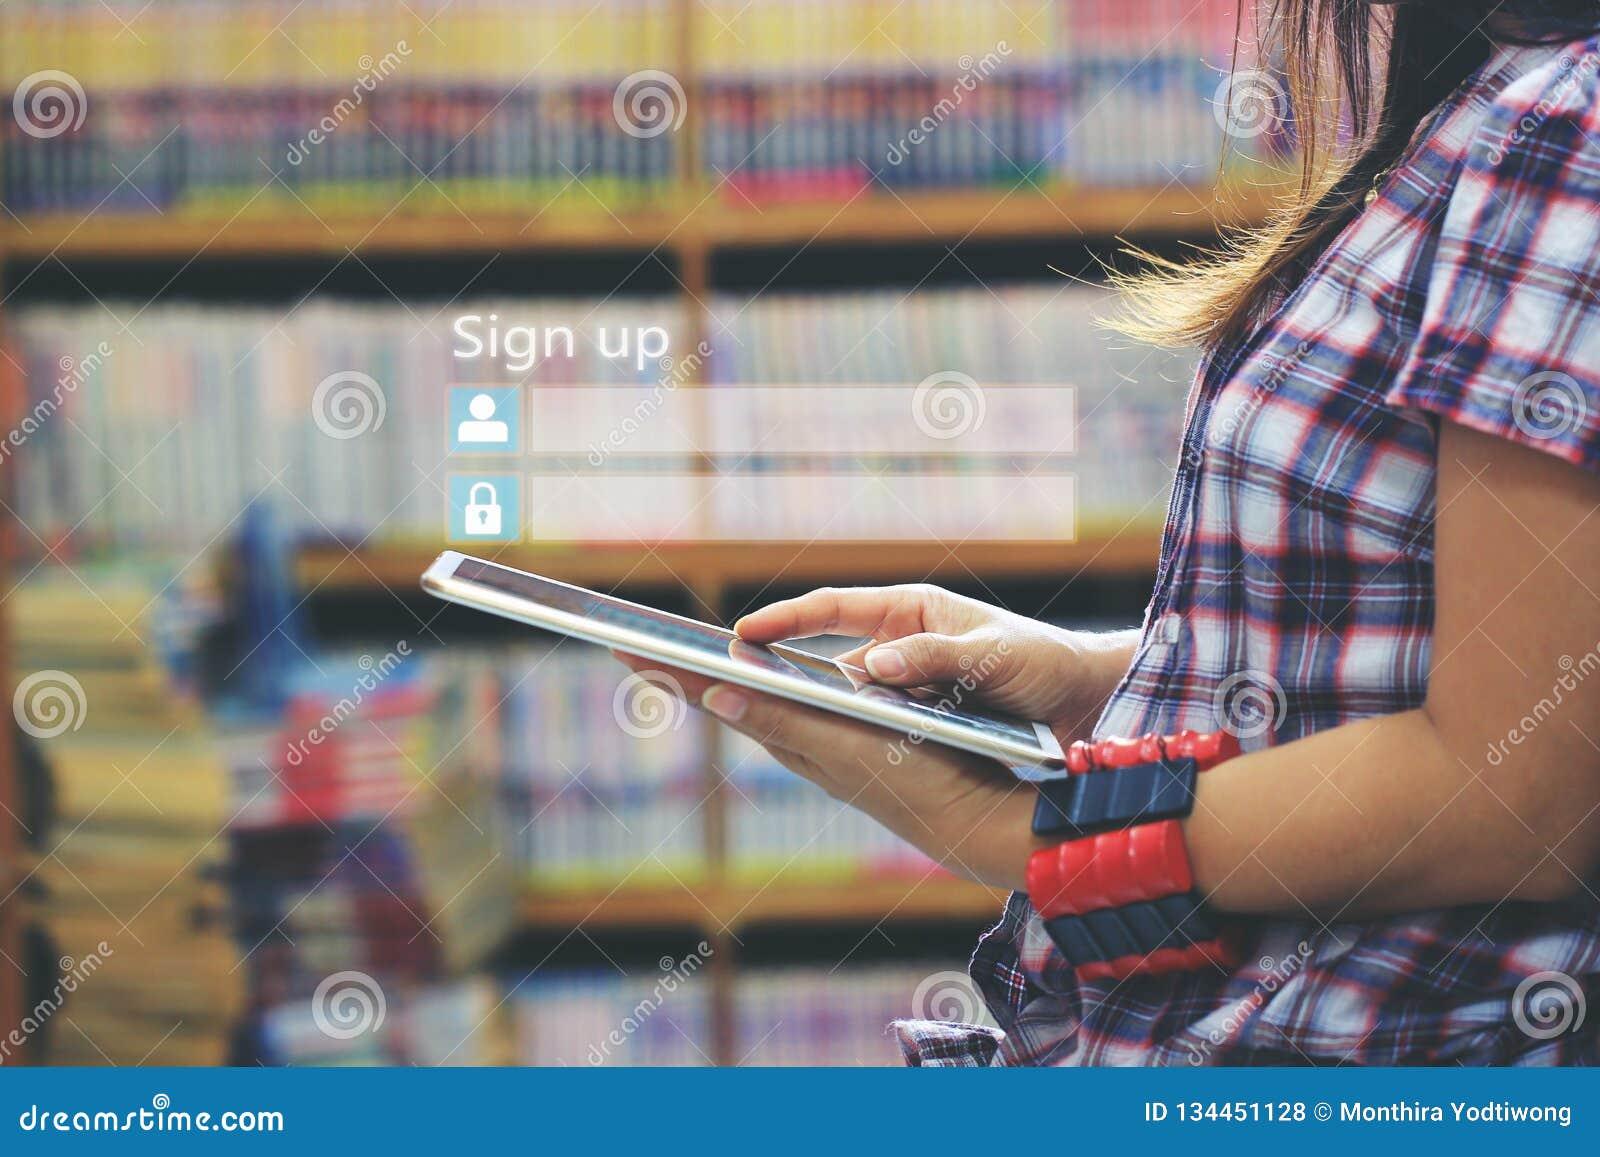 Kobieta używa laptop i podpisuje w górę lub nazwy użytkownikiej username hasło w bibliotecznym pokoju i półki na książki tle, GDP